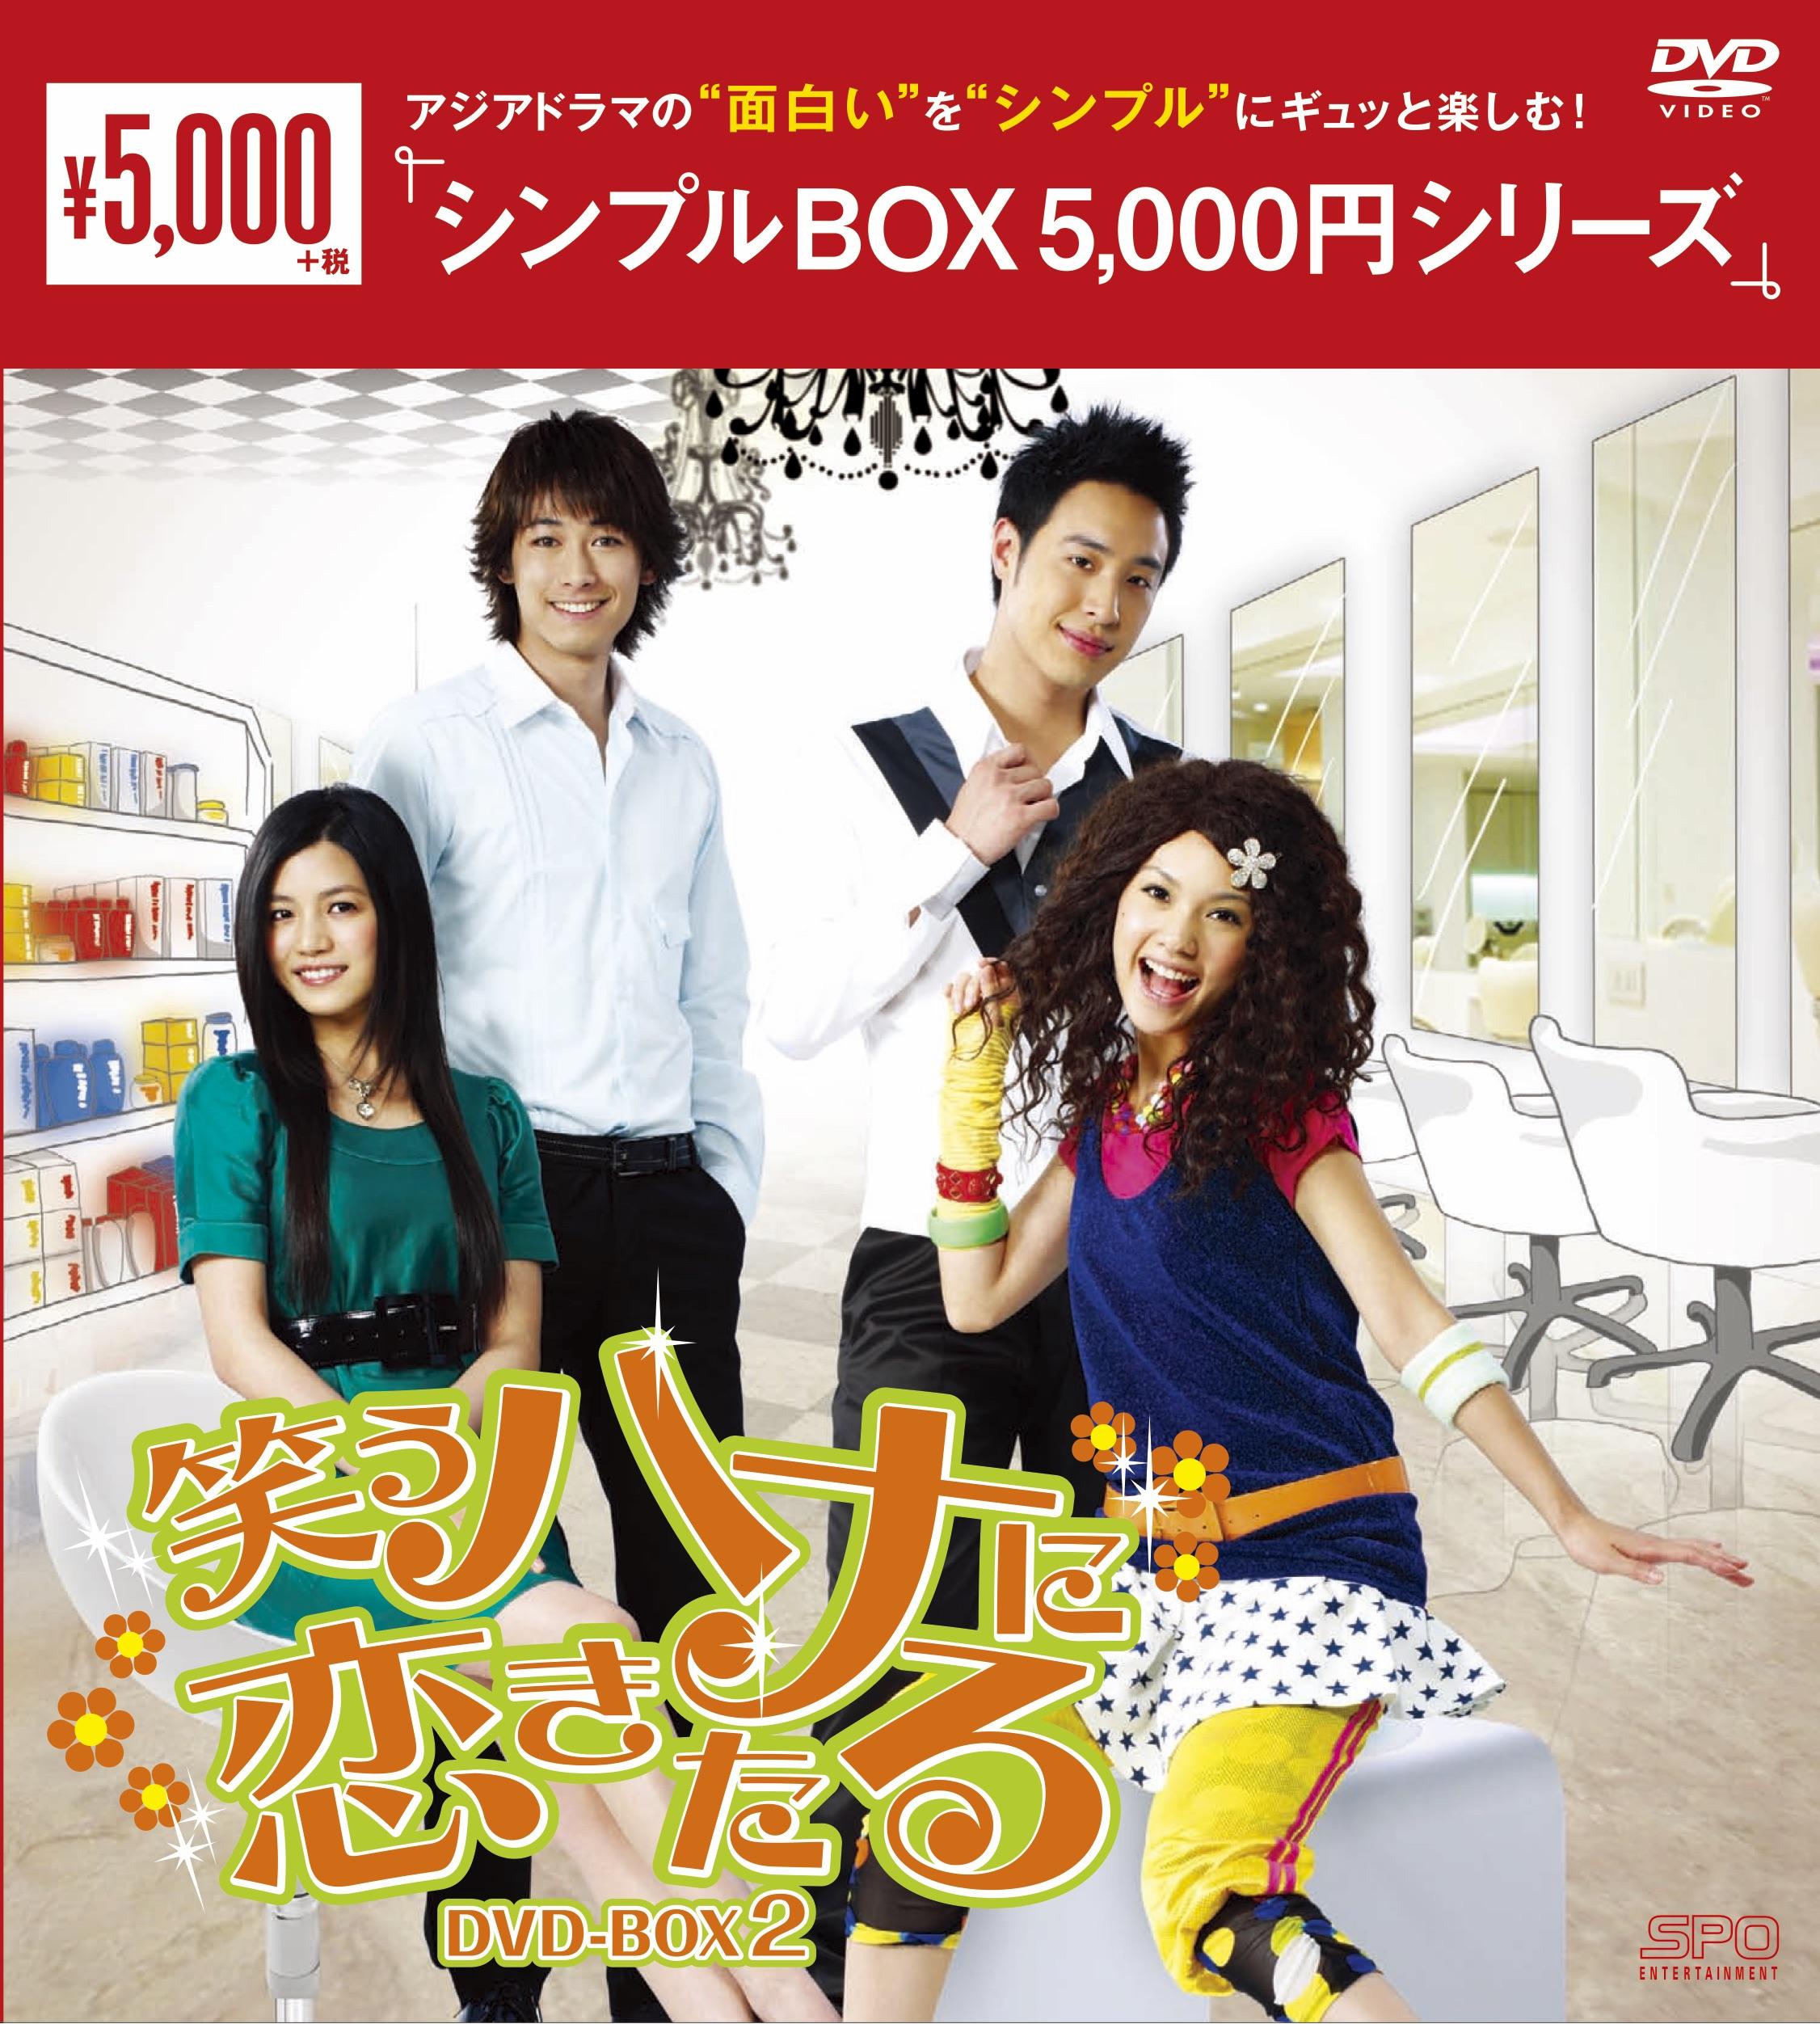 <増税分2%割引&ポイント還元15%>笑うハナに恋きたる DVD-BOX2(5枚組) <シンプルBOX 5,000円シリーズ>